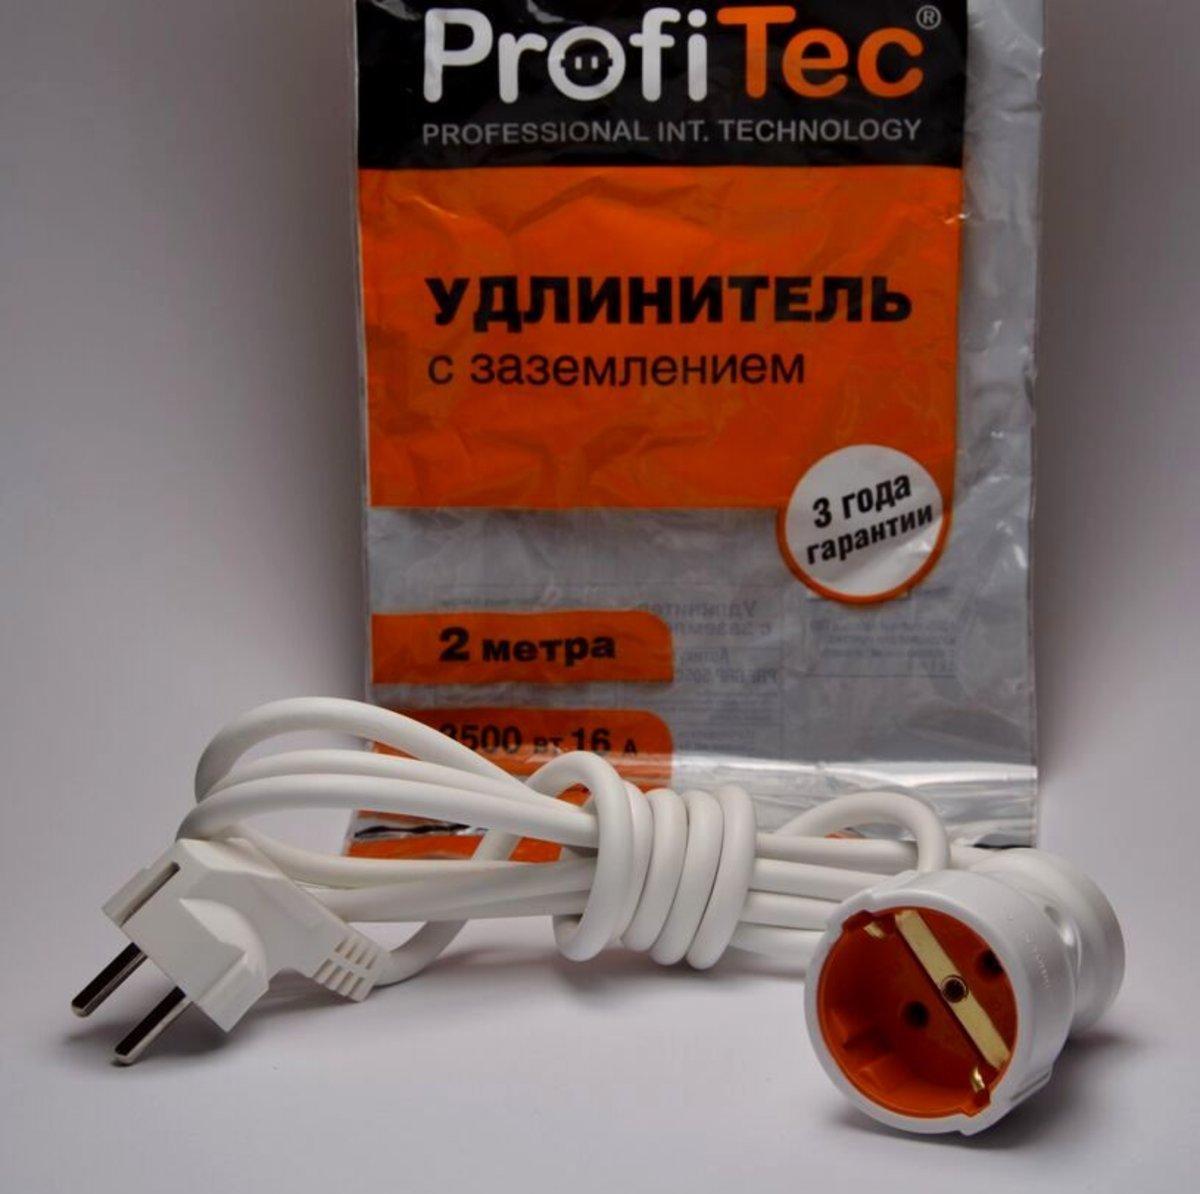 Profitec удлинитель 1 гн. с заземлением 2м